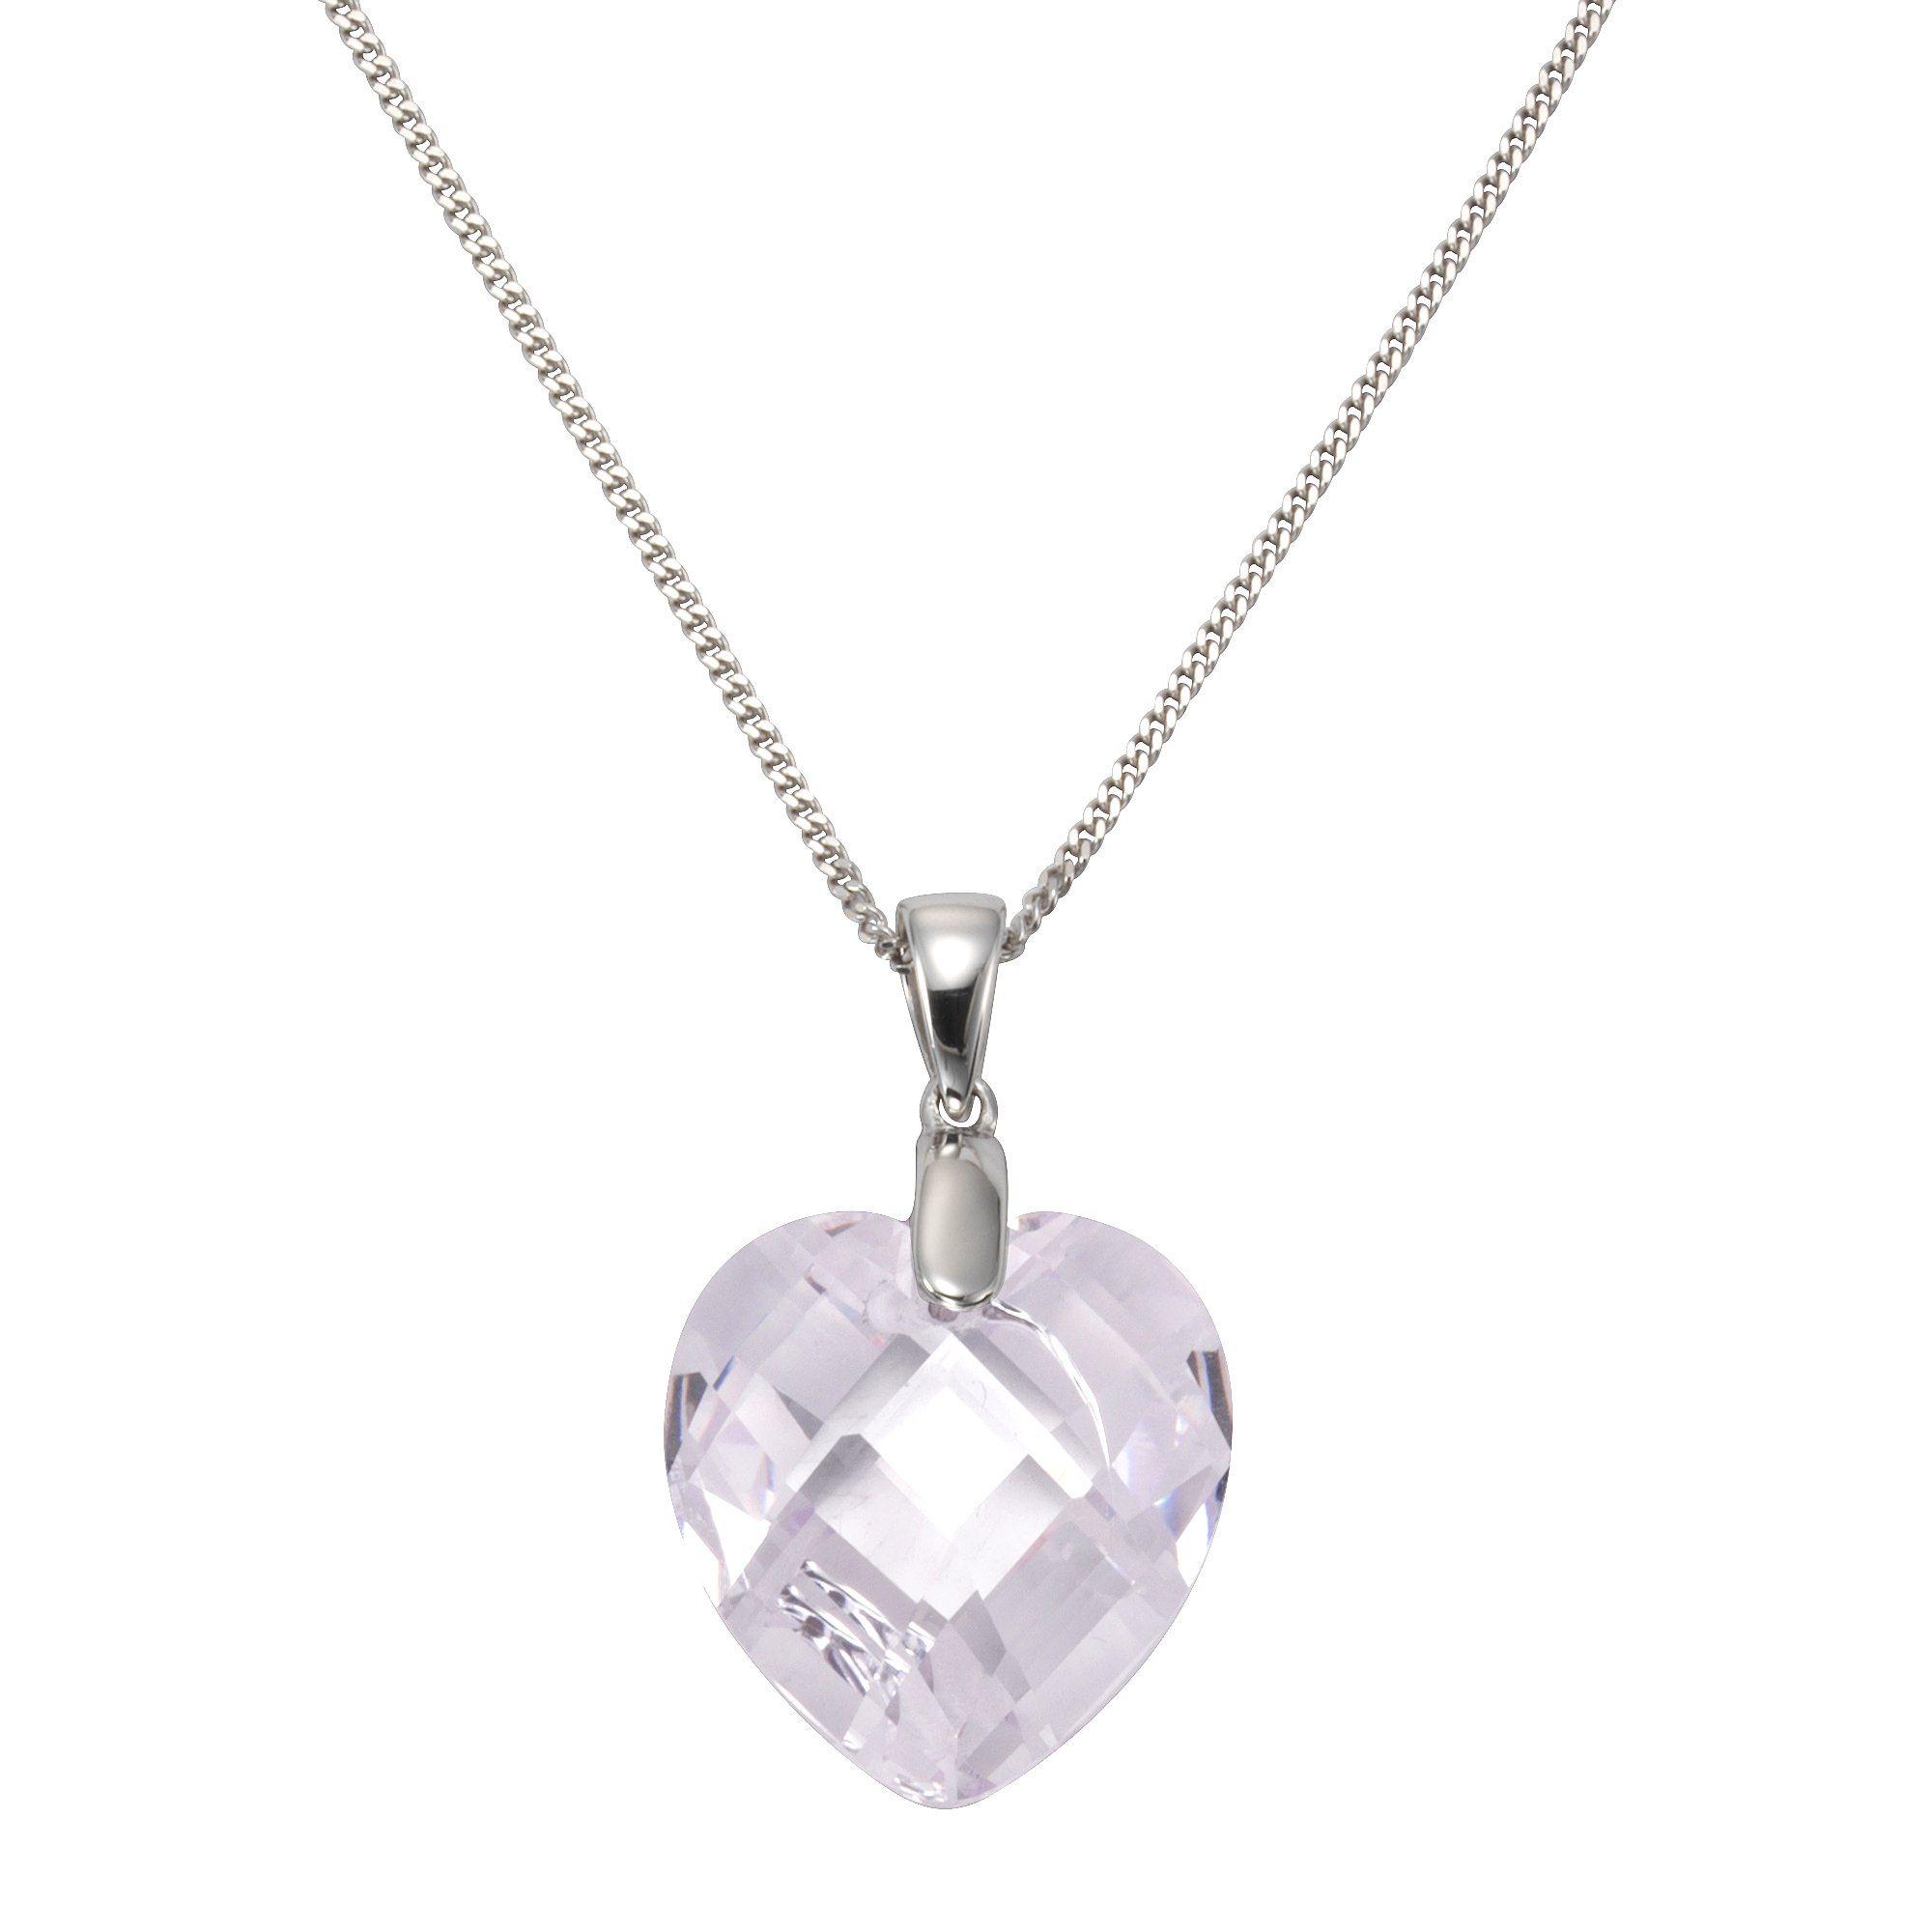 Zeeme Anhänger mit Kette »925/- Sterling Silber Zirkonia Herz« | Schmuck > Halsketten > Herzketten | Silber - Weiß | Zeeme